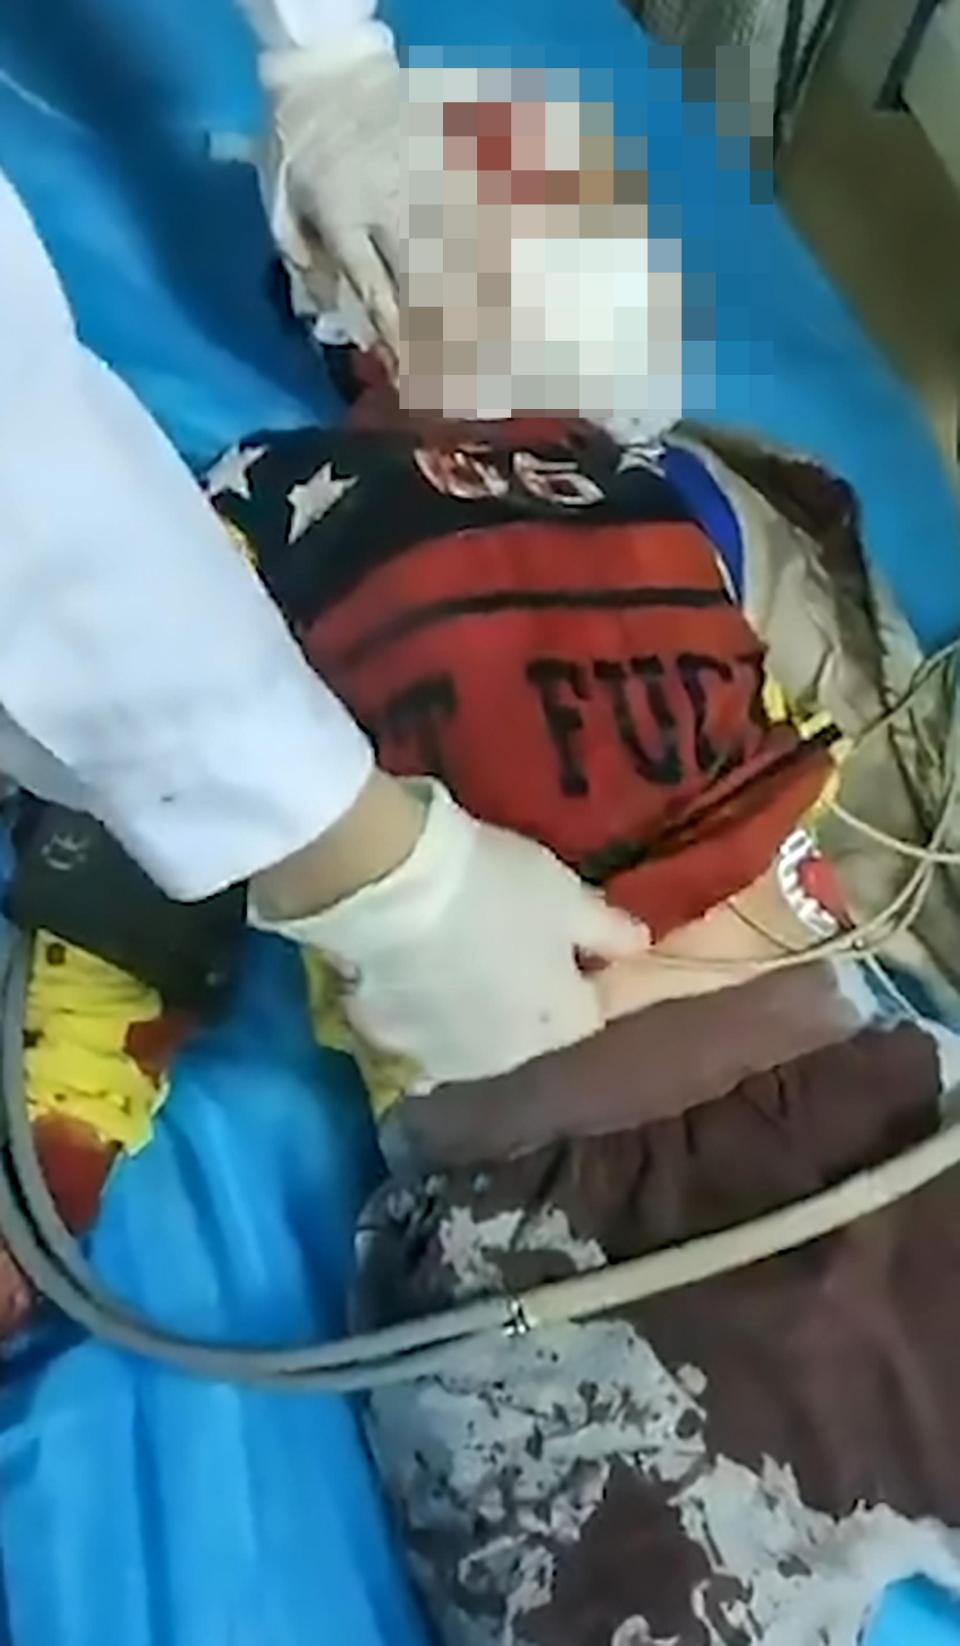 Trung Quốc: Người phụ nữ loạn trí cầm dao chặt thịt tấn công trường mẫu giáo, ít nhất 14 học sinh bị thương-3